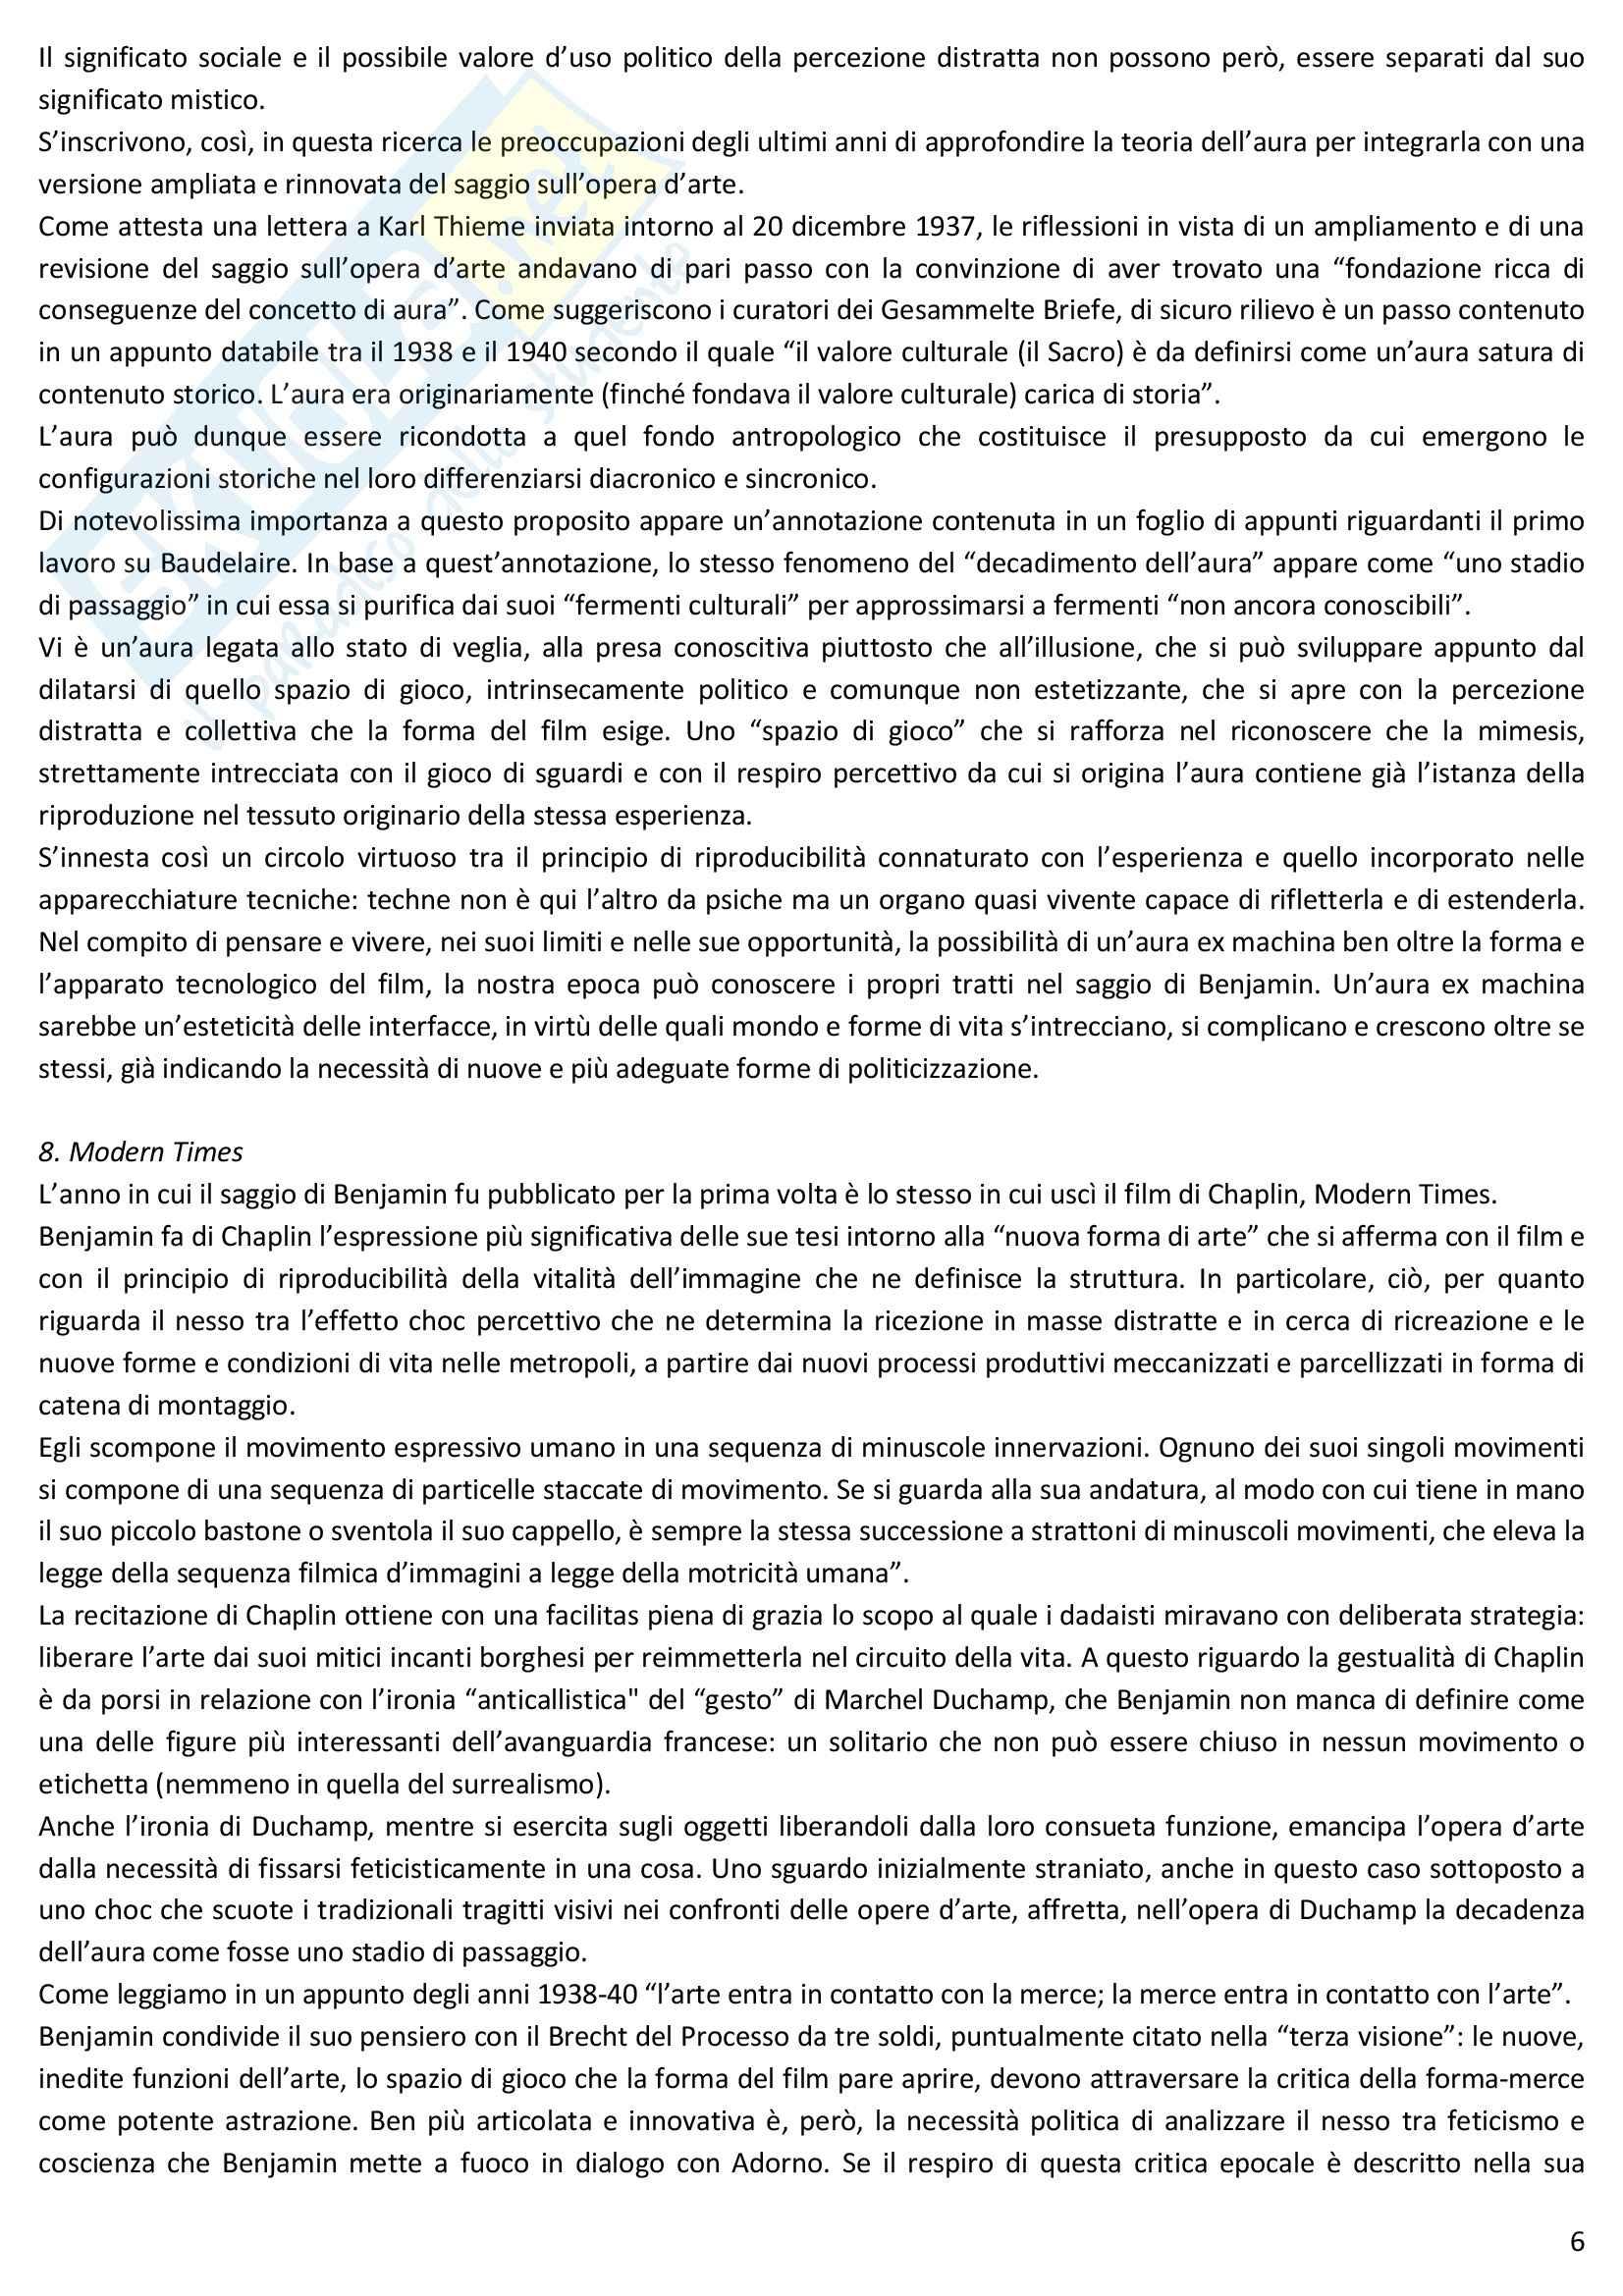 Riassunto esame Estetica, prof. Desideri, libro consigliato L'opera d'arte nell'epoca della sua riproducibilità tecnica, Benjamin Pag. 6